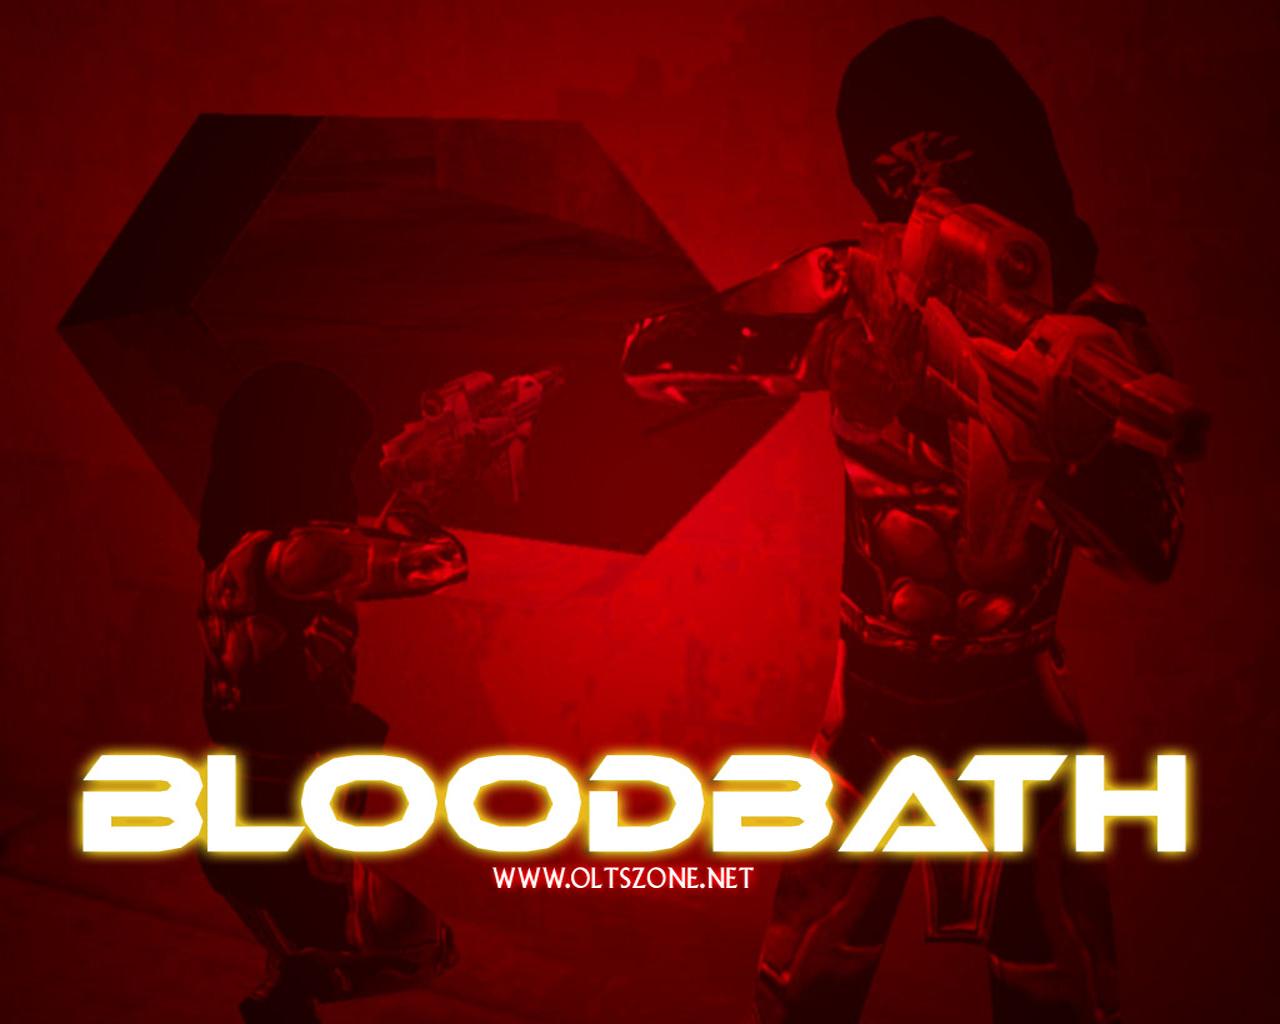 OLTS_bloodbath_0